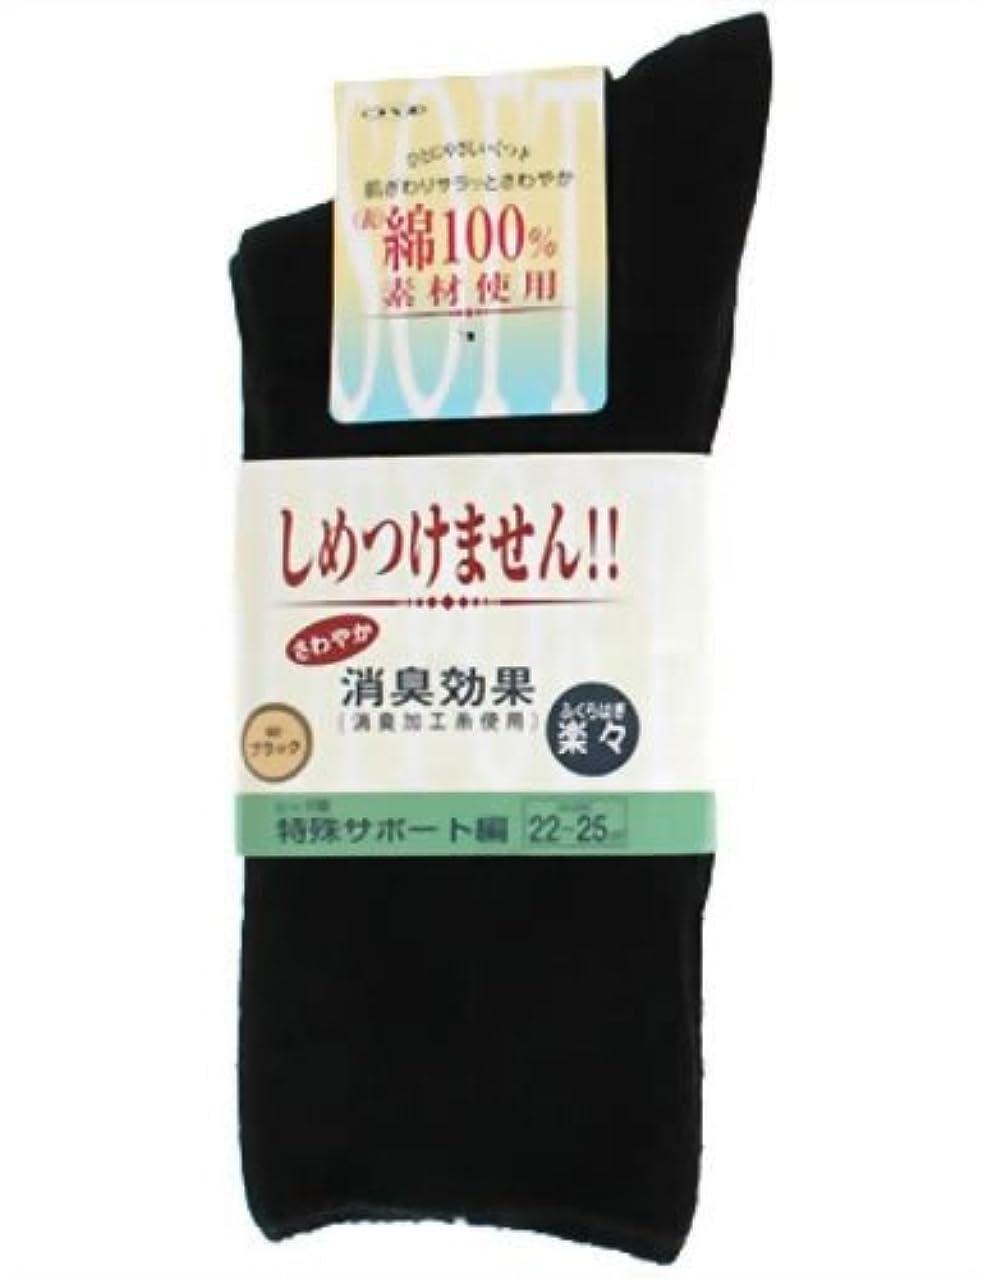 食欲密輸光景神戸生絲 ふくらはぎ楽らくソックス 婦人 春夏用 ブラック 3950 ブラック